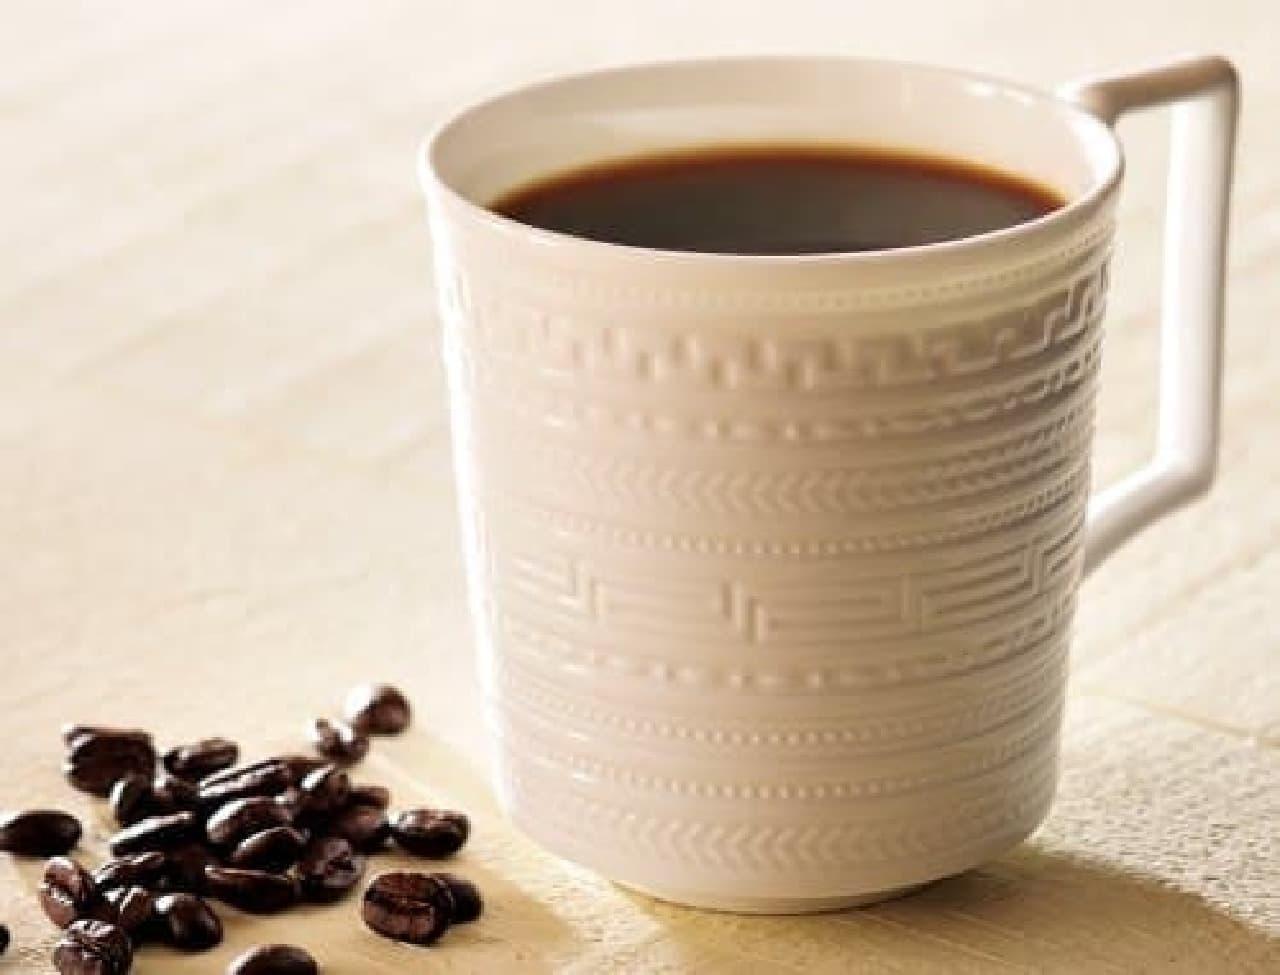 豆や抽出法にこだわったコーヒーが提供される ※写真はイメージ